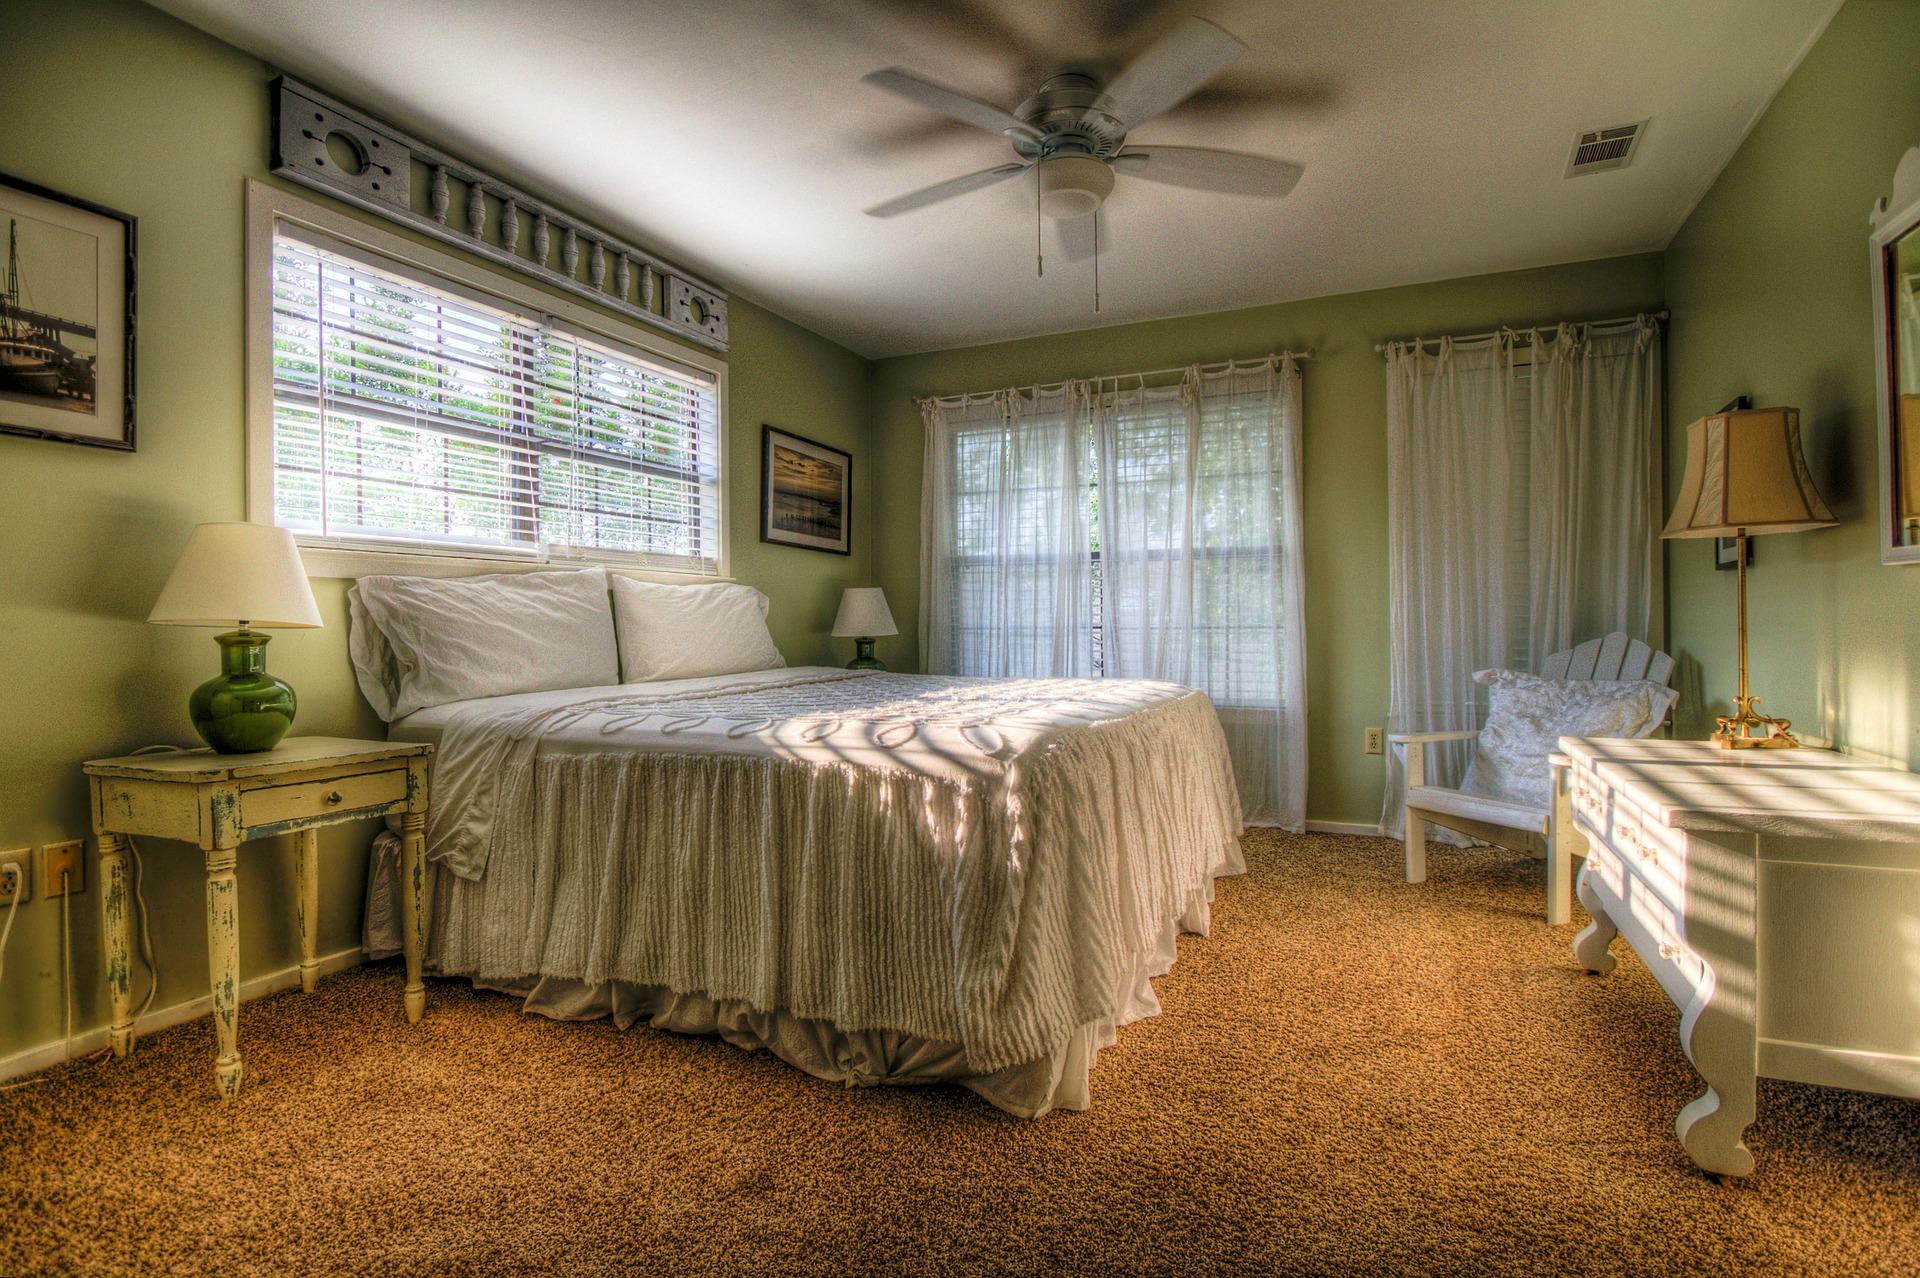 bedroom-349698_1920